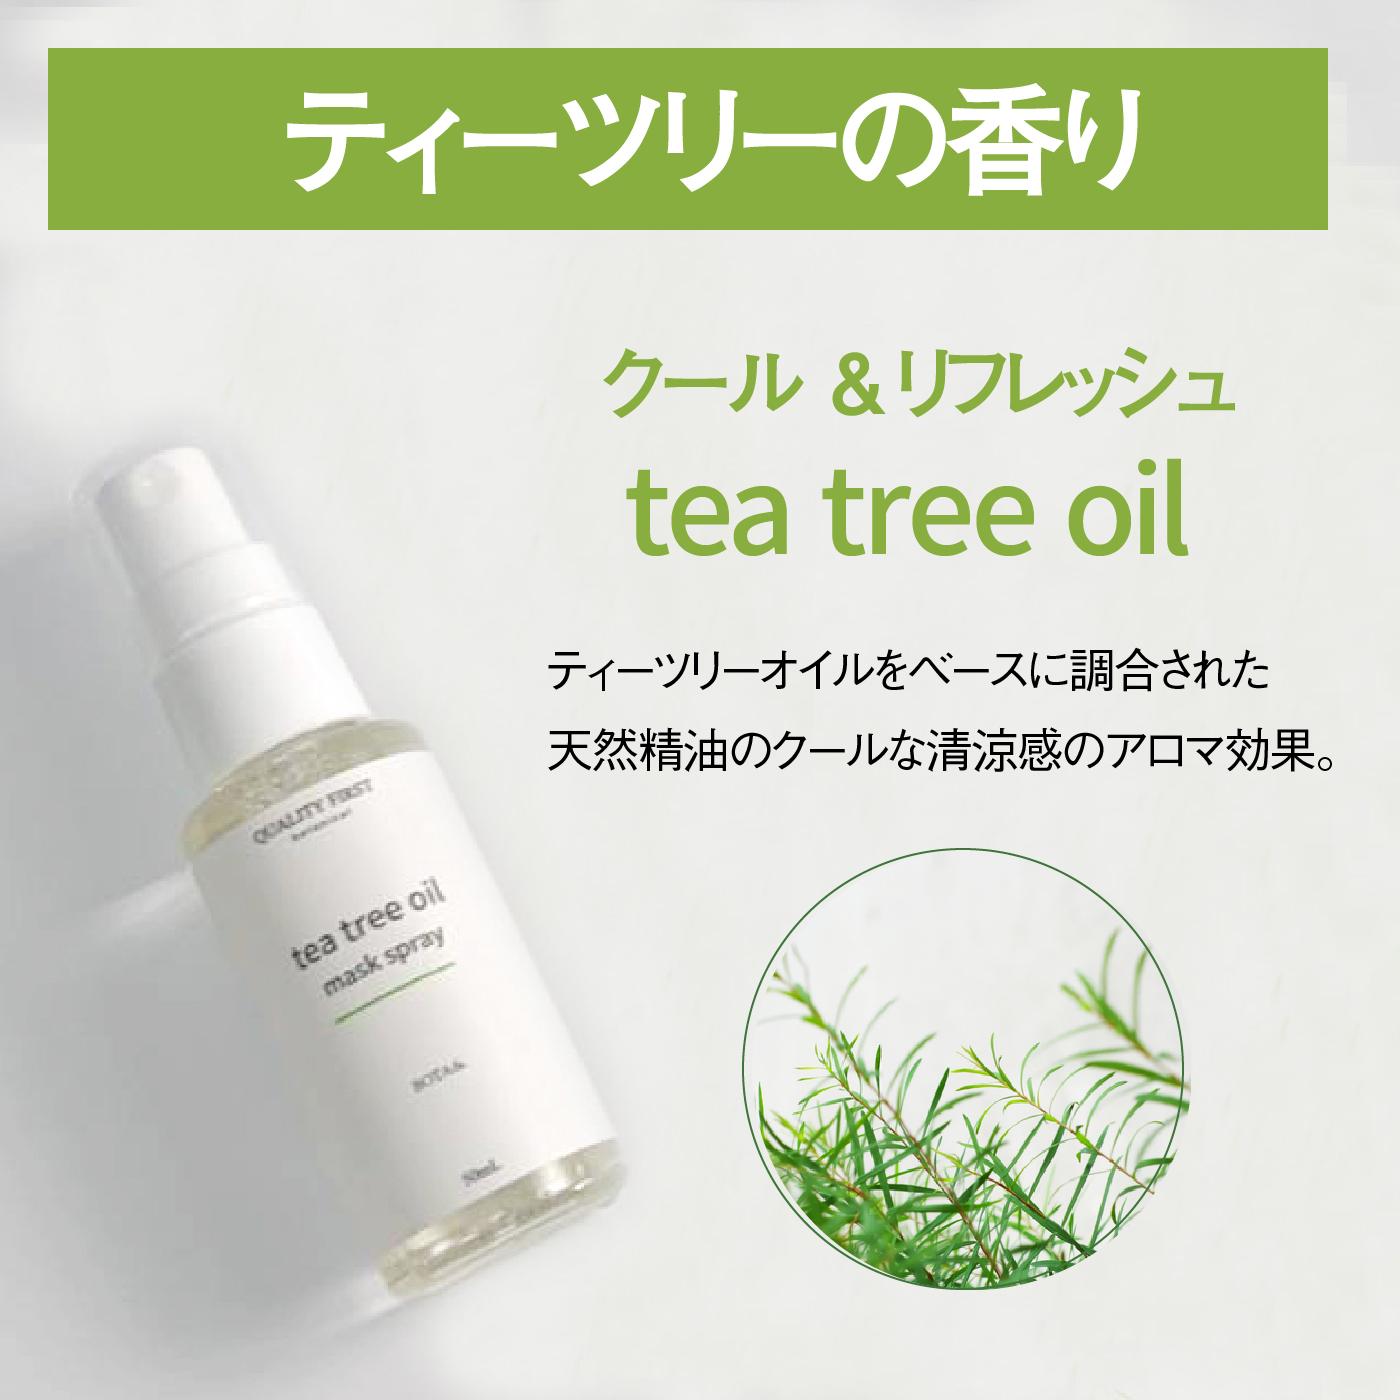 ティーツリーの香り クール &リフレッシュ tea tree oil ティーツリーオイルをベースに調合された天然精油のクールな清涼感のアロマ効果。